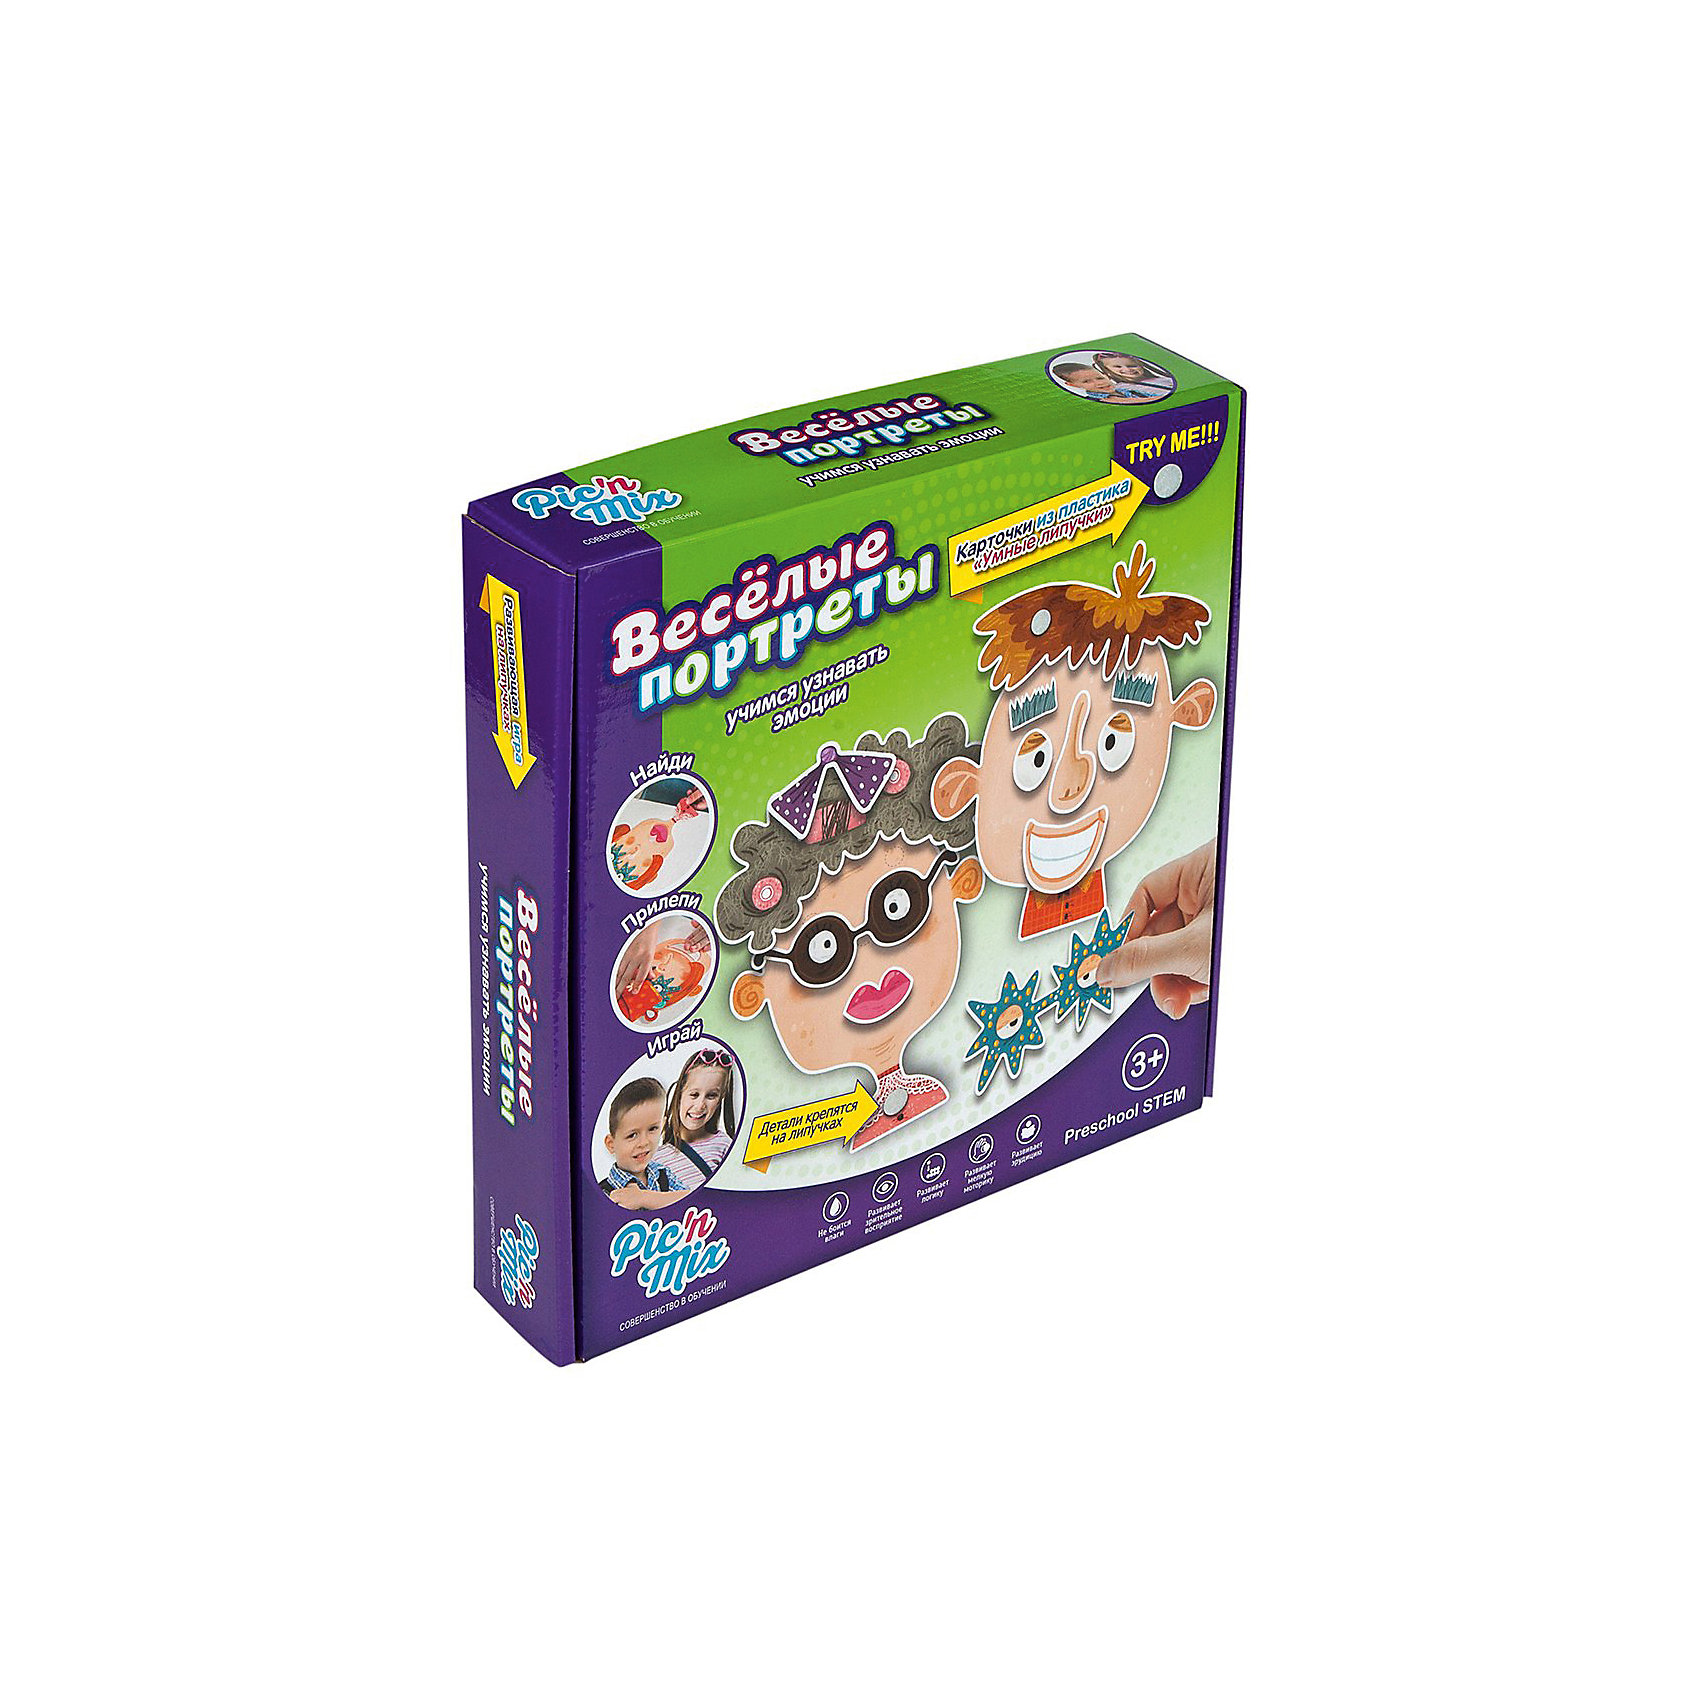 Веселые портреты, PicnMixРазвивающие игры<br>Обучающая игра пазл-липучка состоит из 2 игровых полей-лиц и набора съёмных элементов, присоединяя к  лицам разные детали, ребенок может составлять самые разнообразные портреты, в процессе игры он  узнаёт названия и виды эмоций и то, как они выражаются человеком. Игра развивает следующие навыки: логическое мышление; восприятие формы и цвета; зрительную память; речевое общение; мелкую моторику рук и расширяет общий словарный запас ребенка.<br><br>Ширина мм: 250<br>Глубина мм: 160<br>Высота мм: 52<br>Вес г: 340<br>Возраст от месяцев: 36<br>Возраст до месяцев: 60<br>Пол: Унисекс<br>Возраст: Детский<br>SKU: 4443048